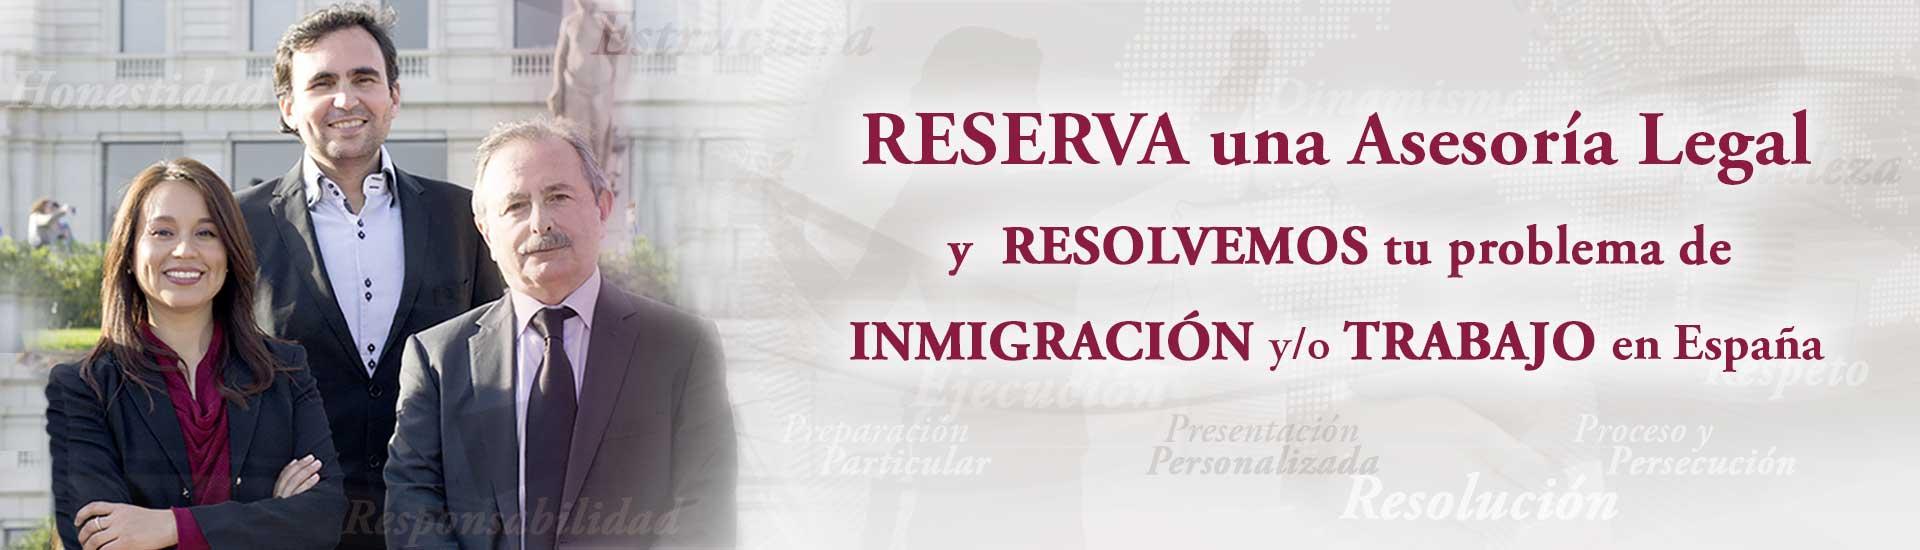 Slides reserva asesoria legal Habeas Legal - Abogados Internacionales especializados en Extranjería, Inmigración y Laboral